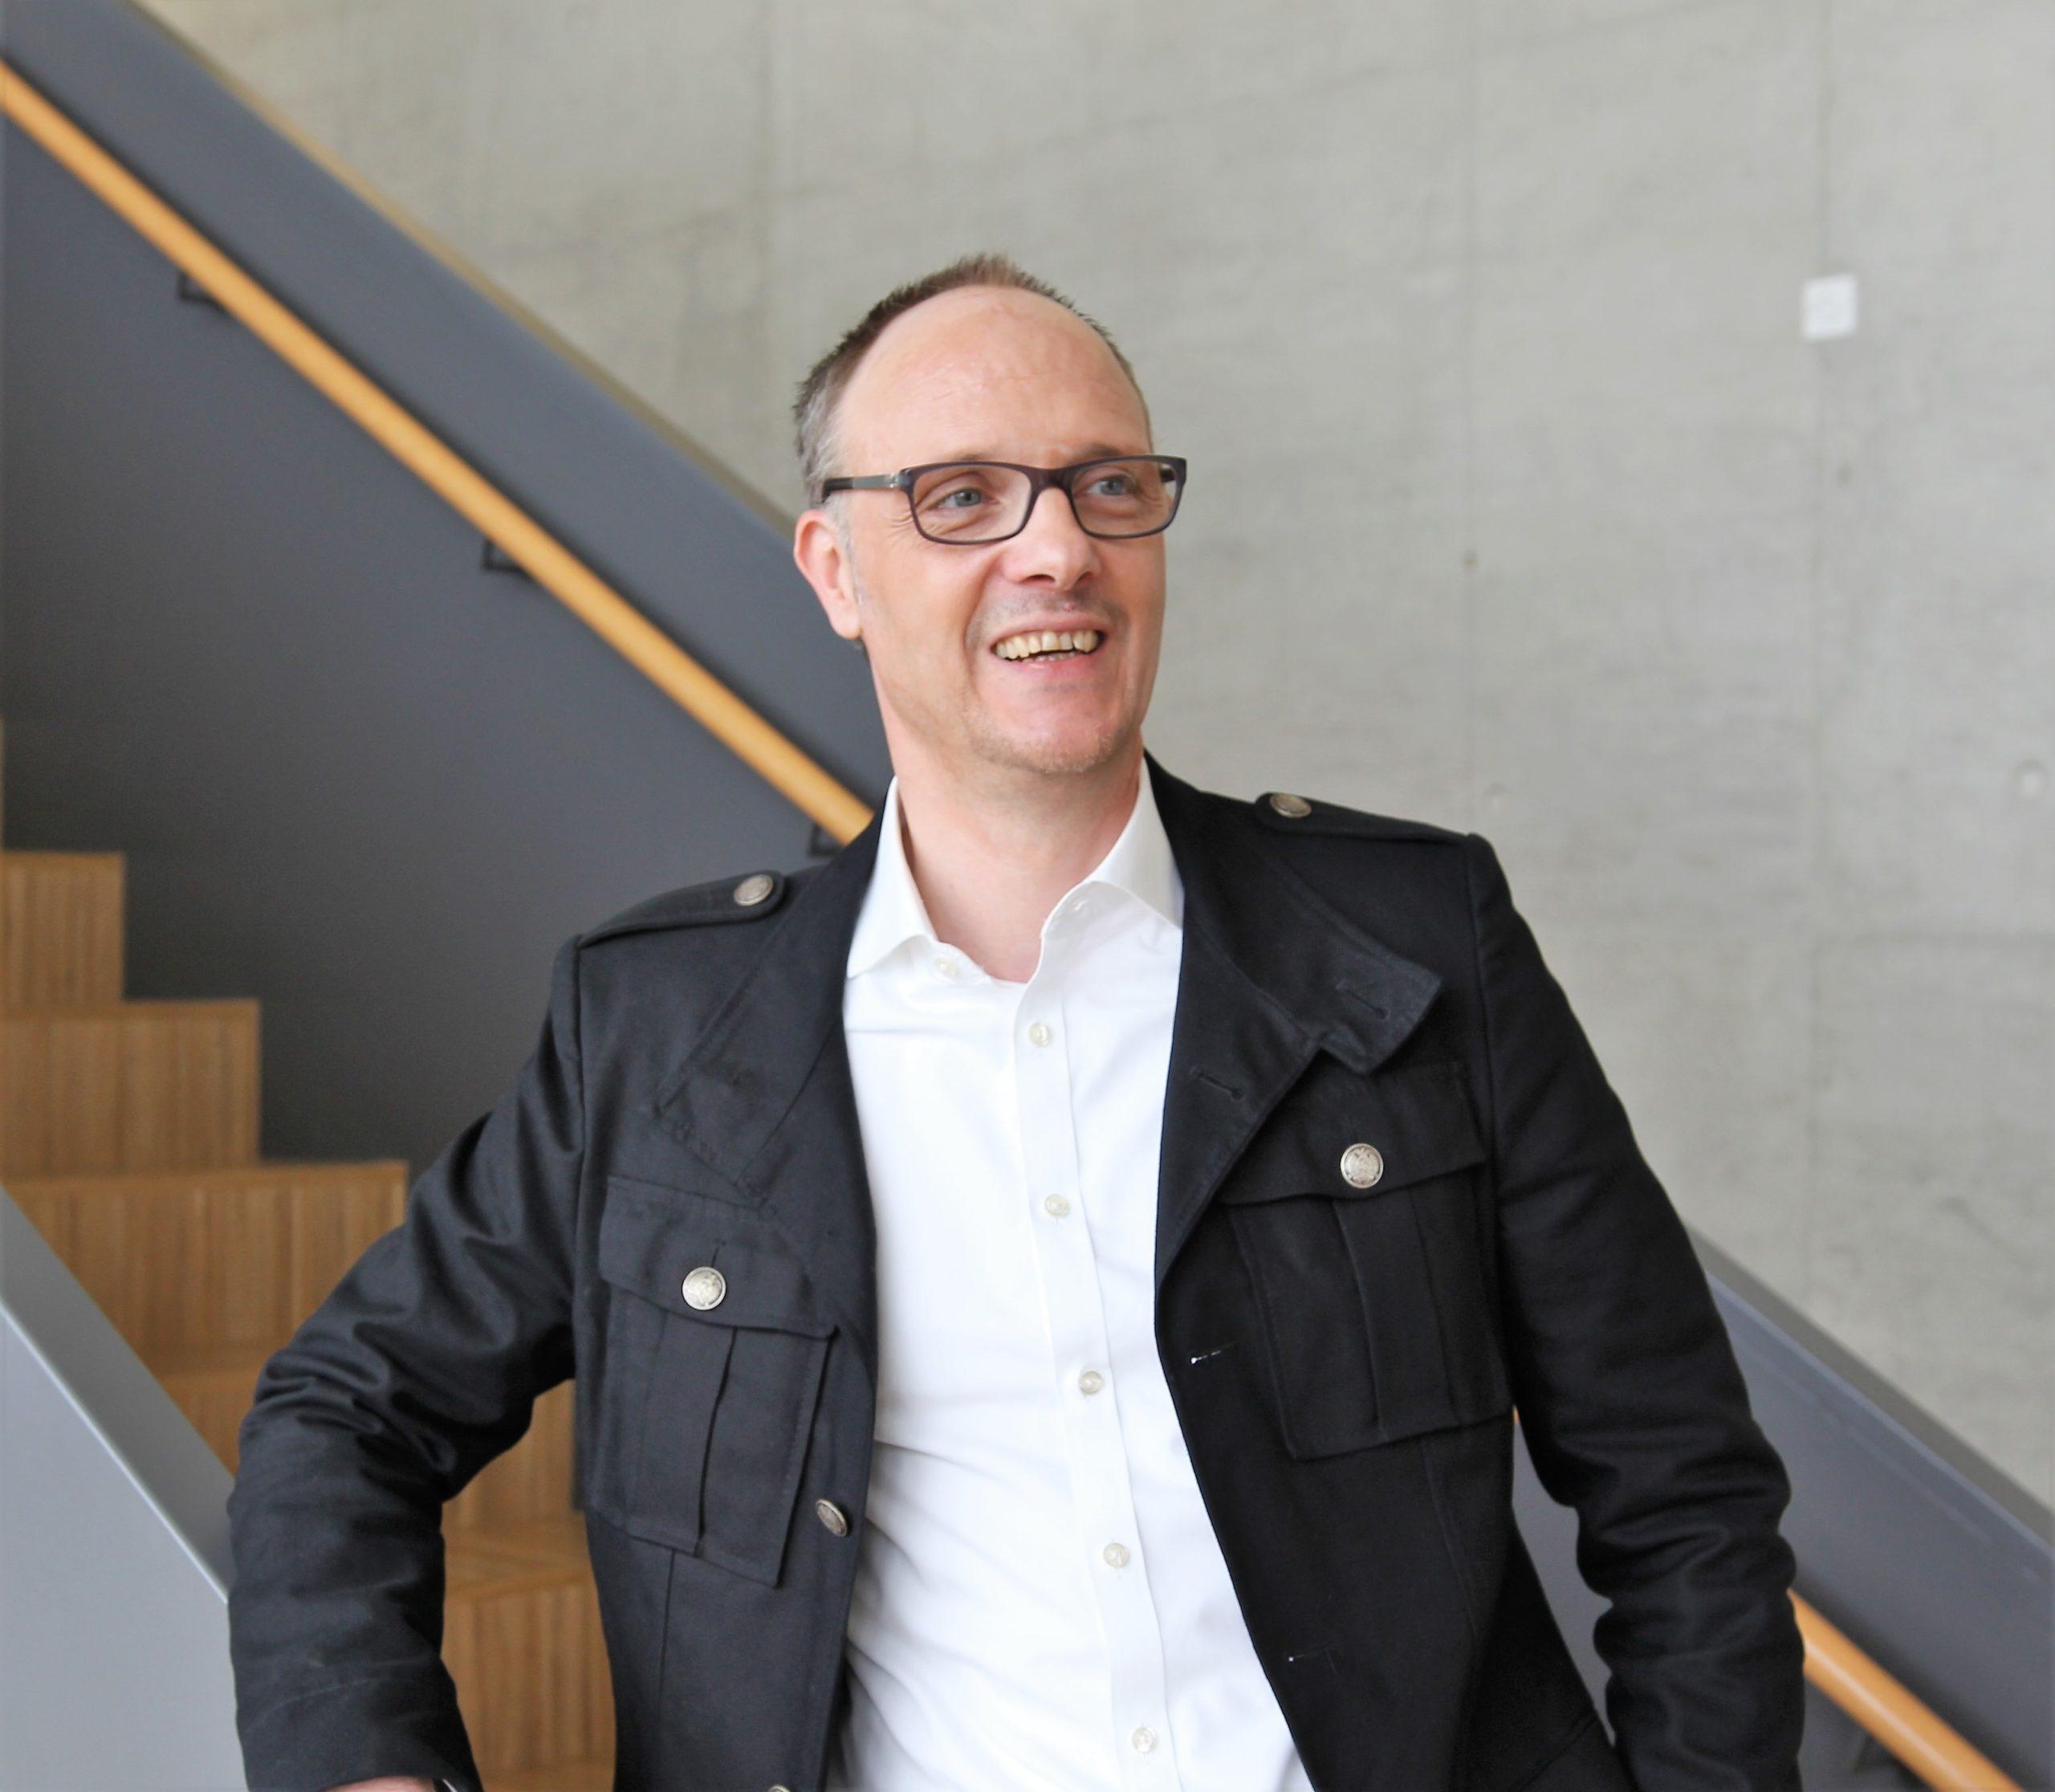 Ralf Becker